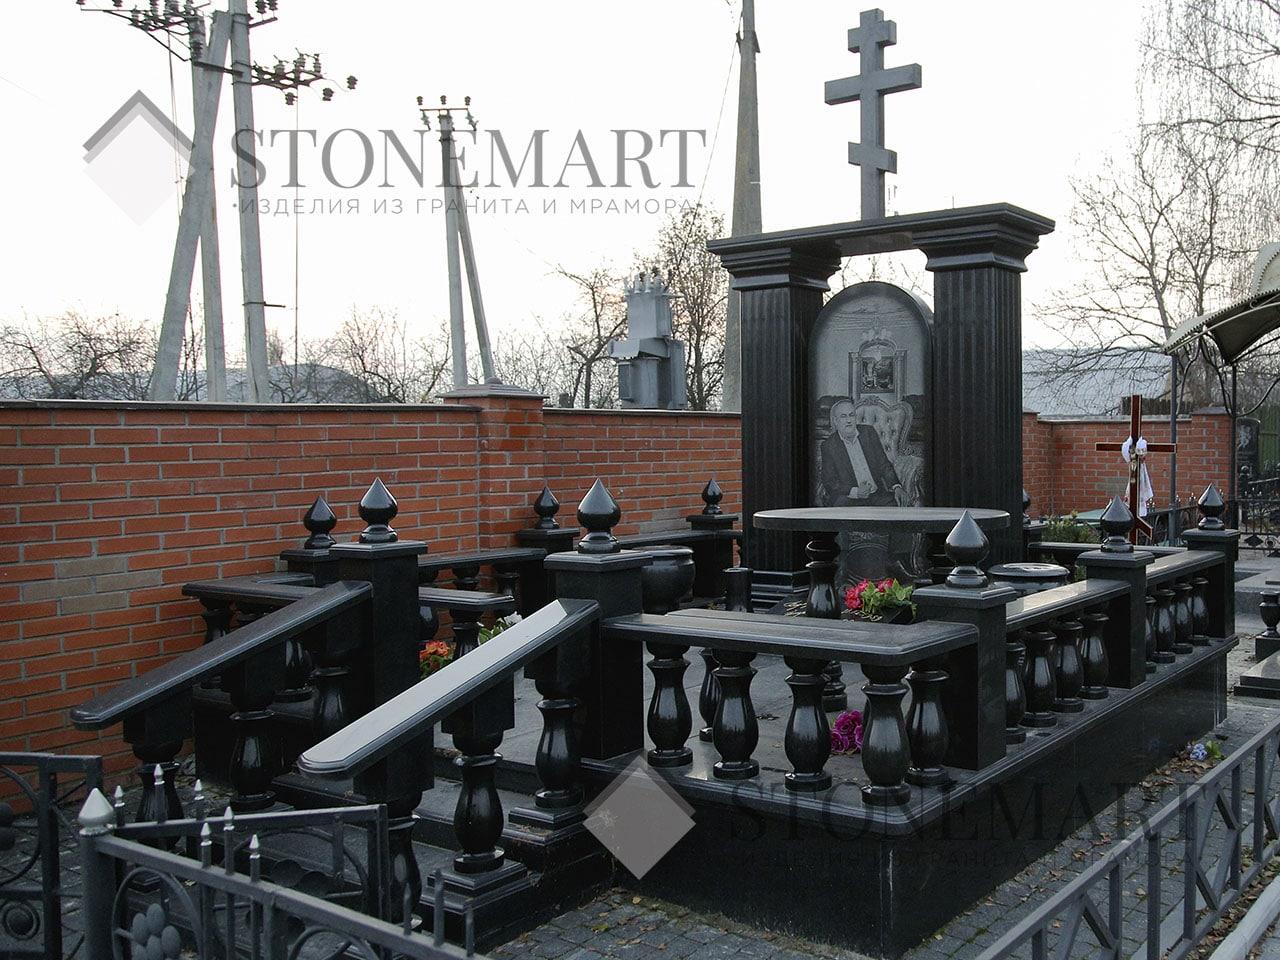 Памятник из гранита №5. Изготовлен мастерами компании Stonemart из гранита украинского месторождения.